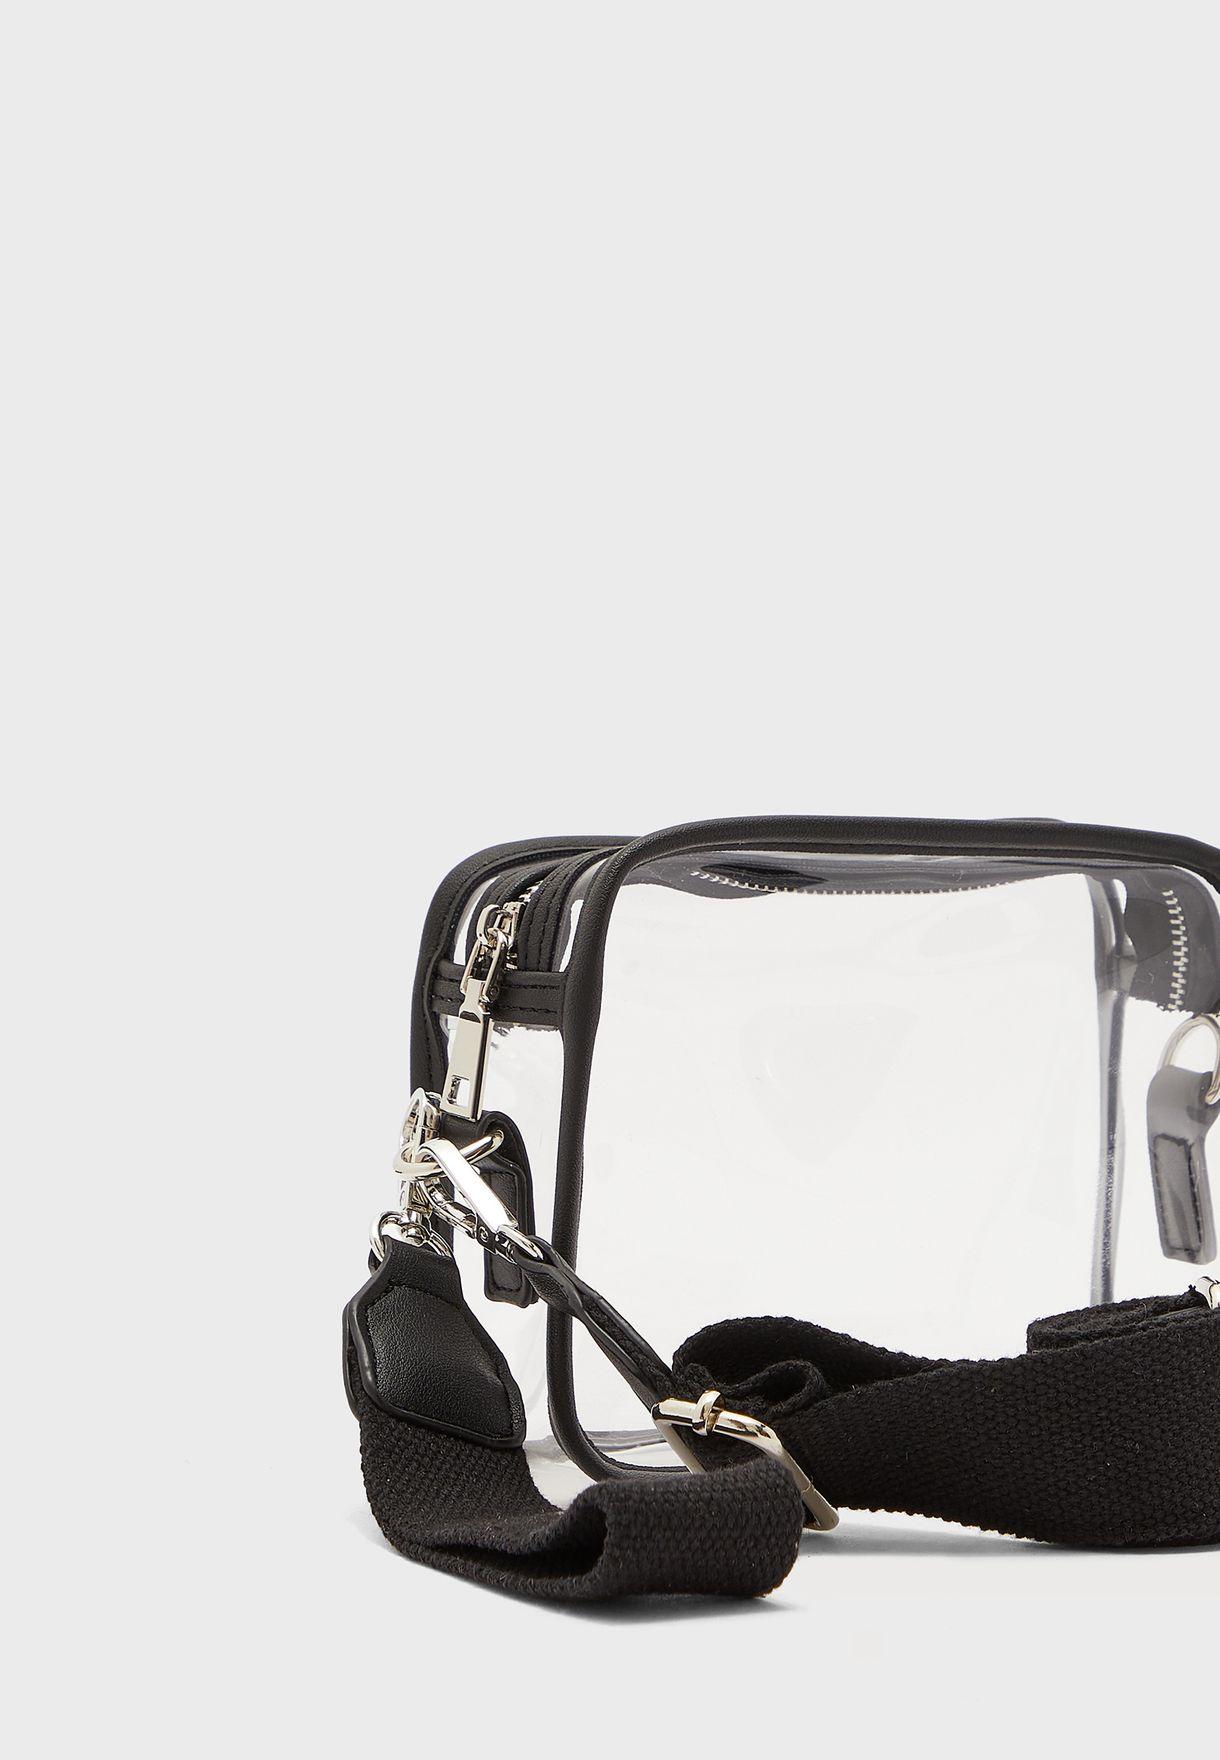 شنطة كاميرا شفافة